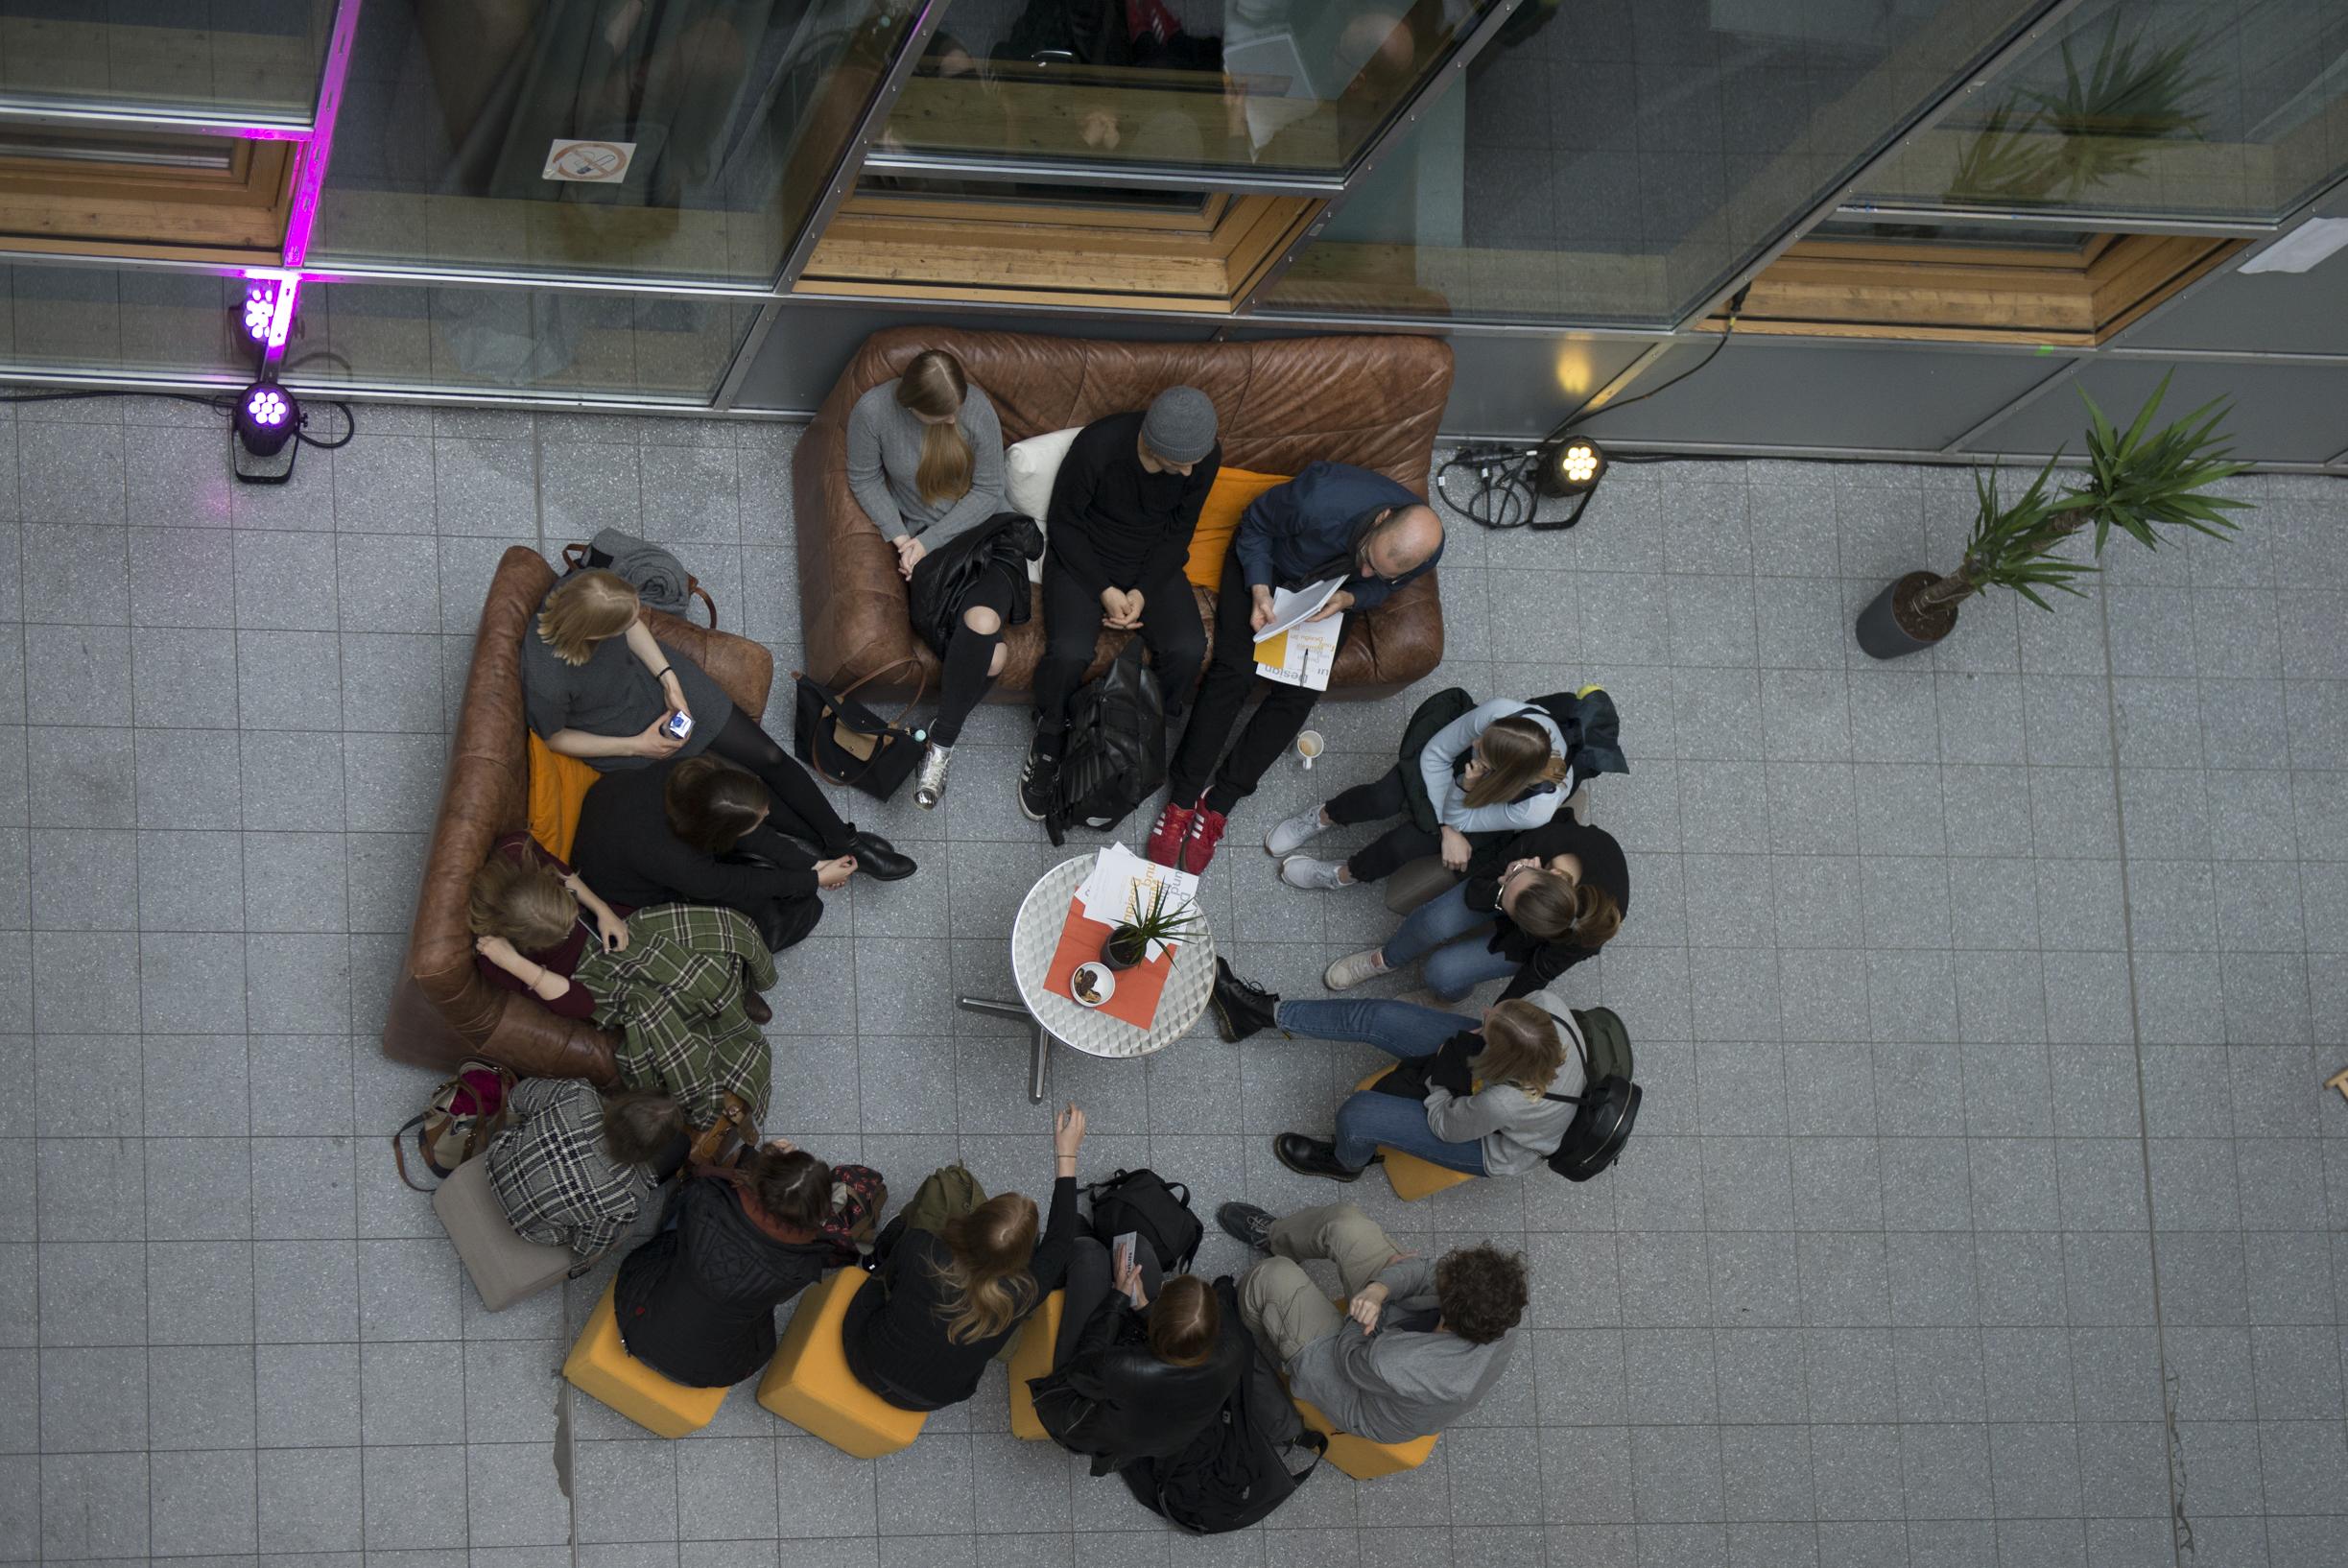 Woche 7 beim Masterstudium in Hannover